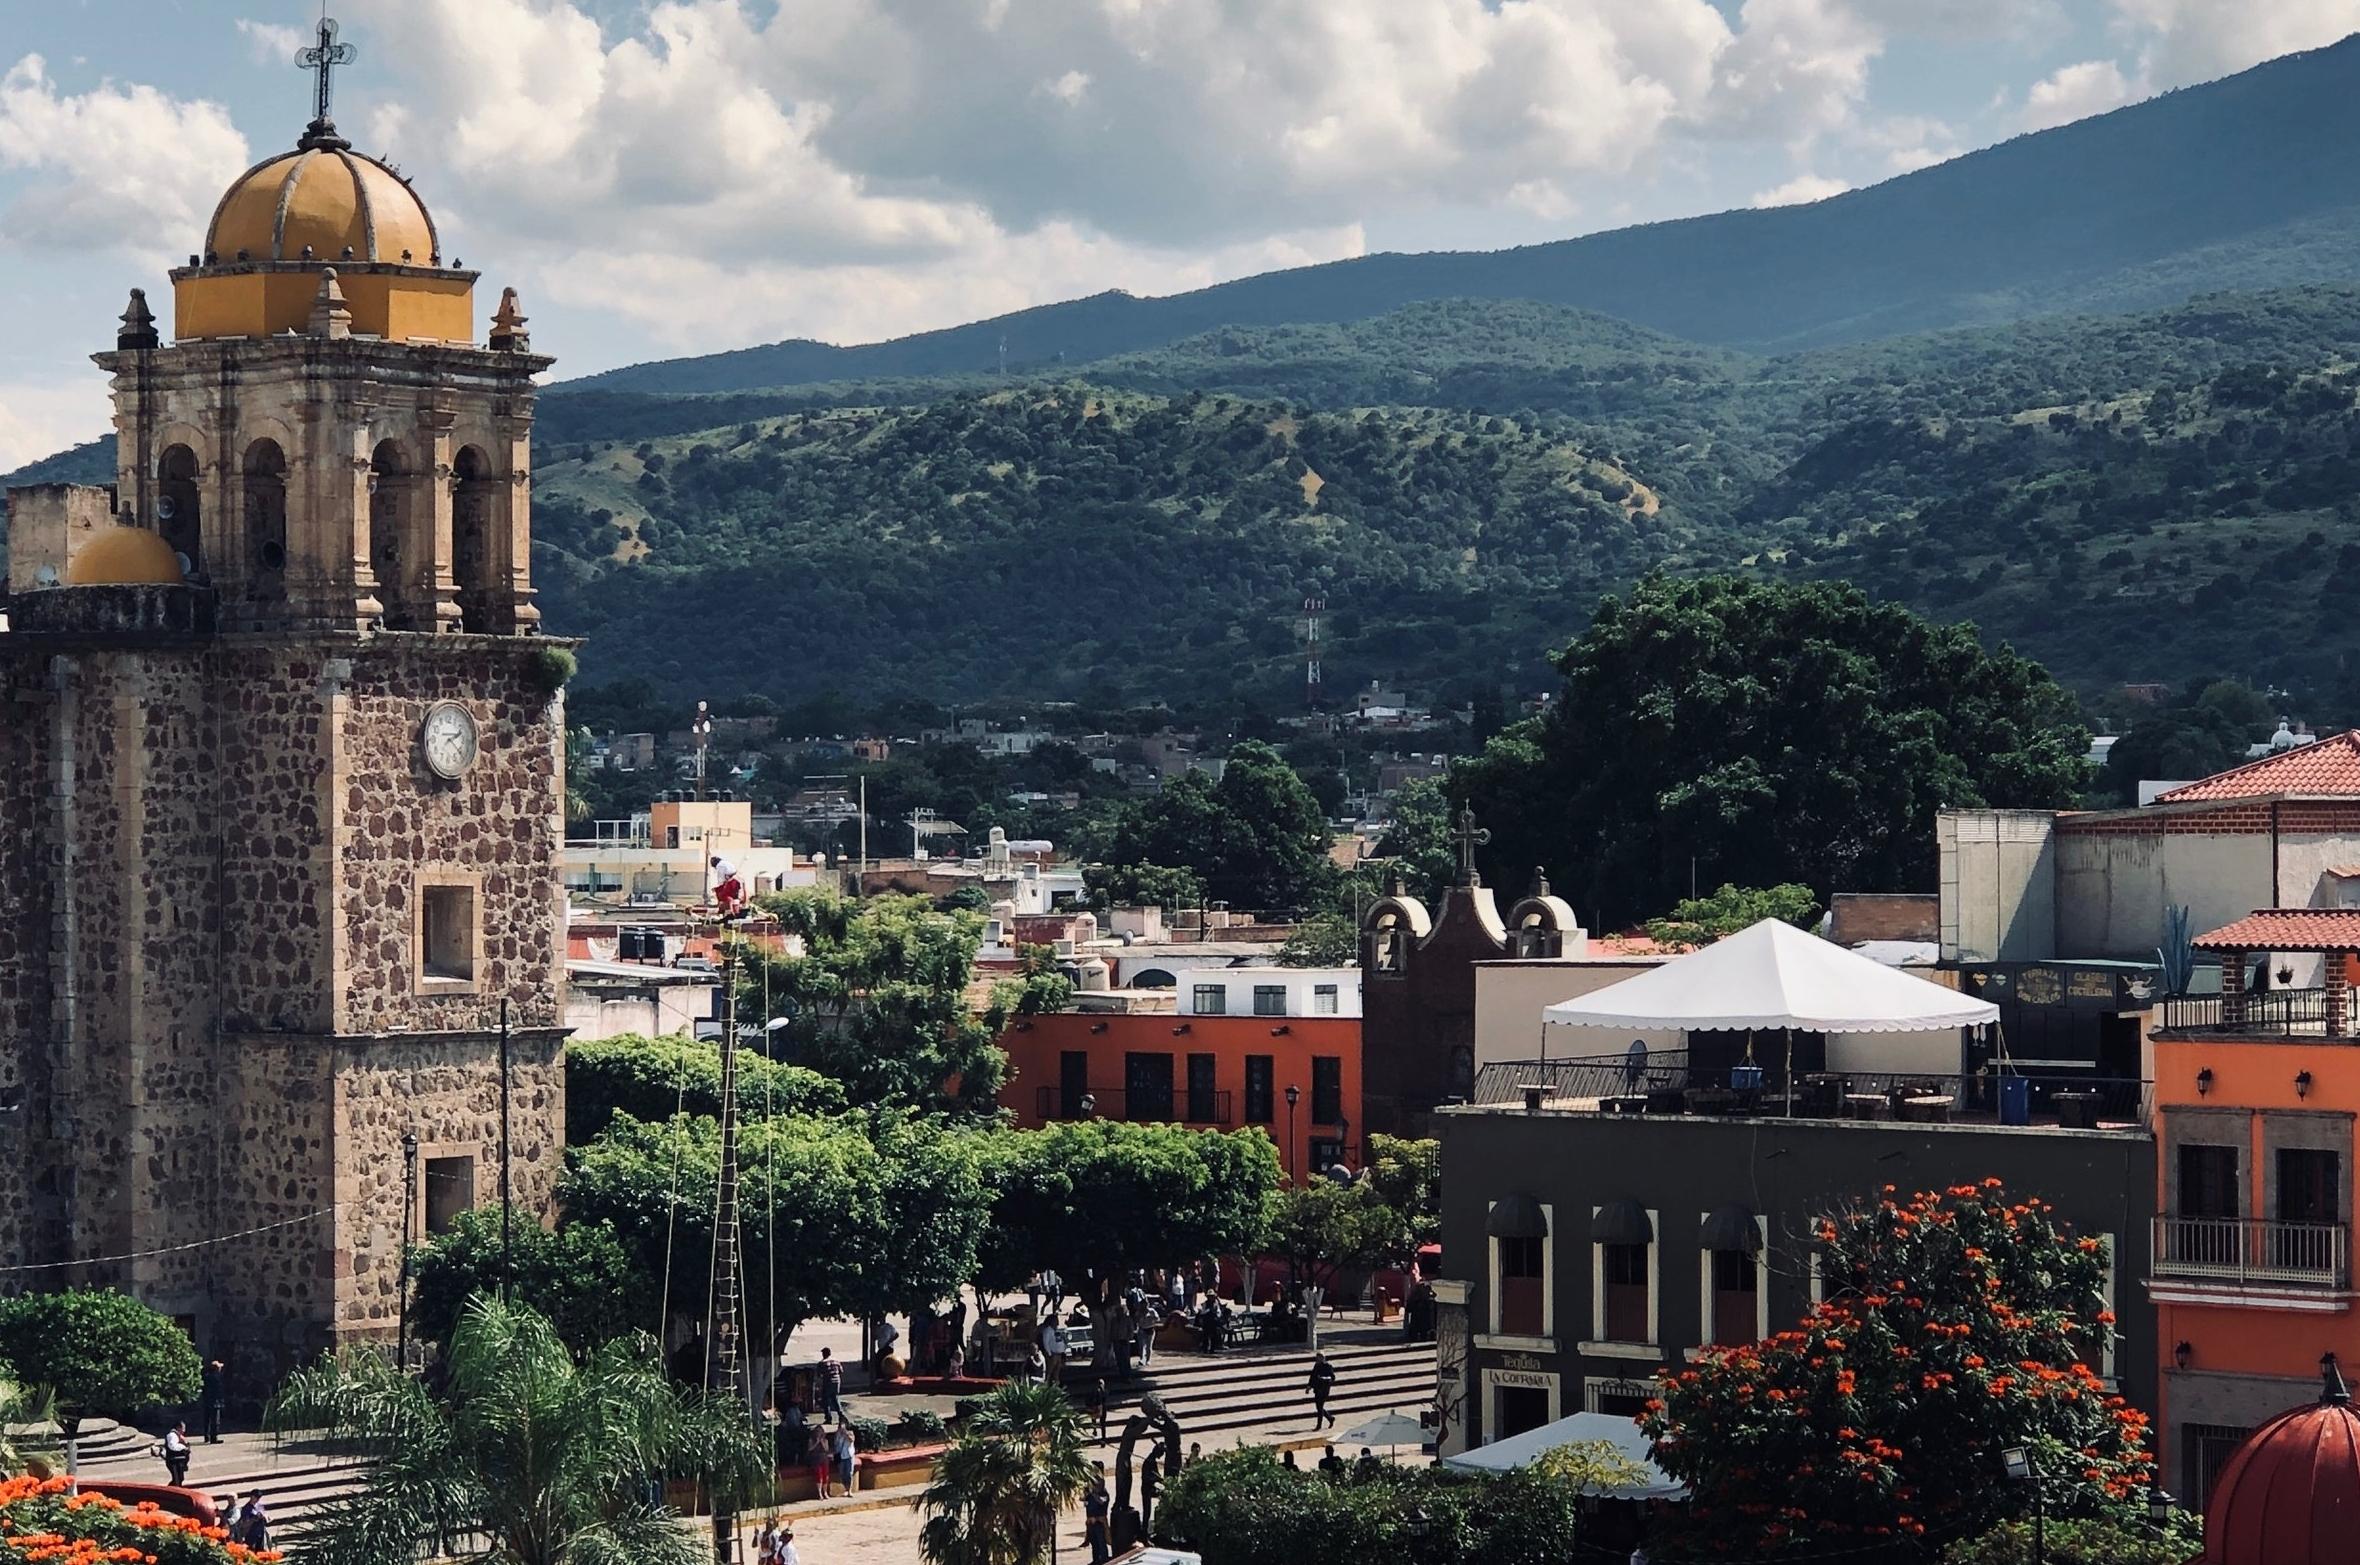 Central México - Stone of the Sun